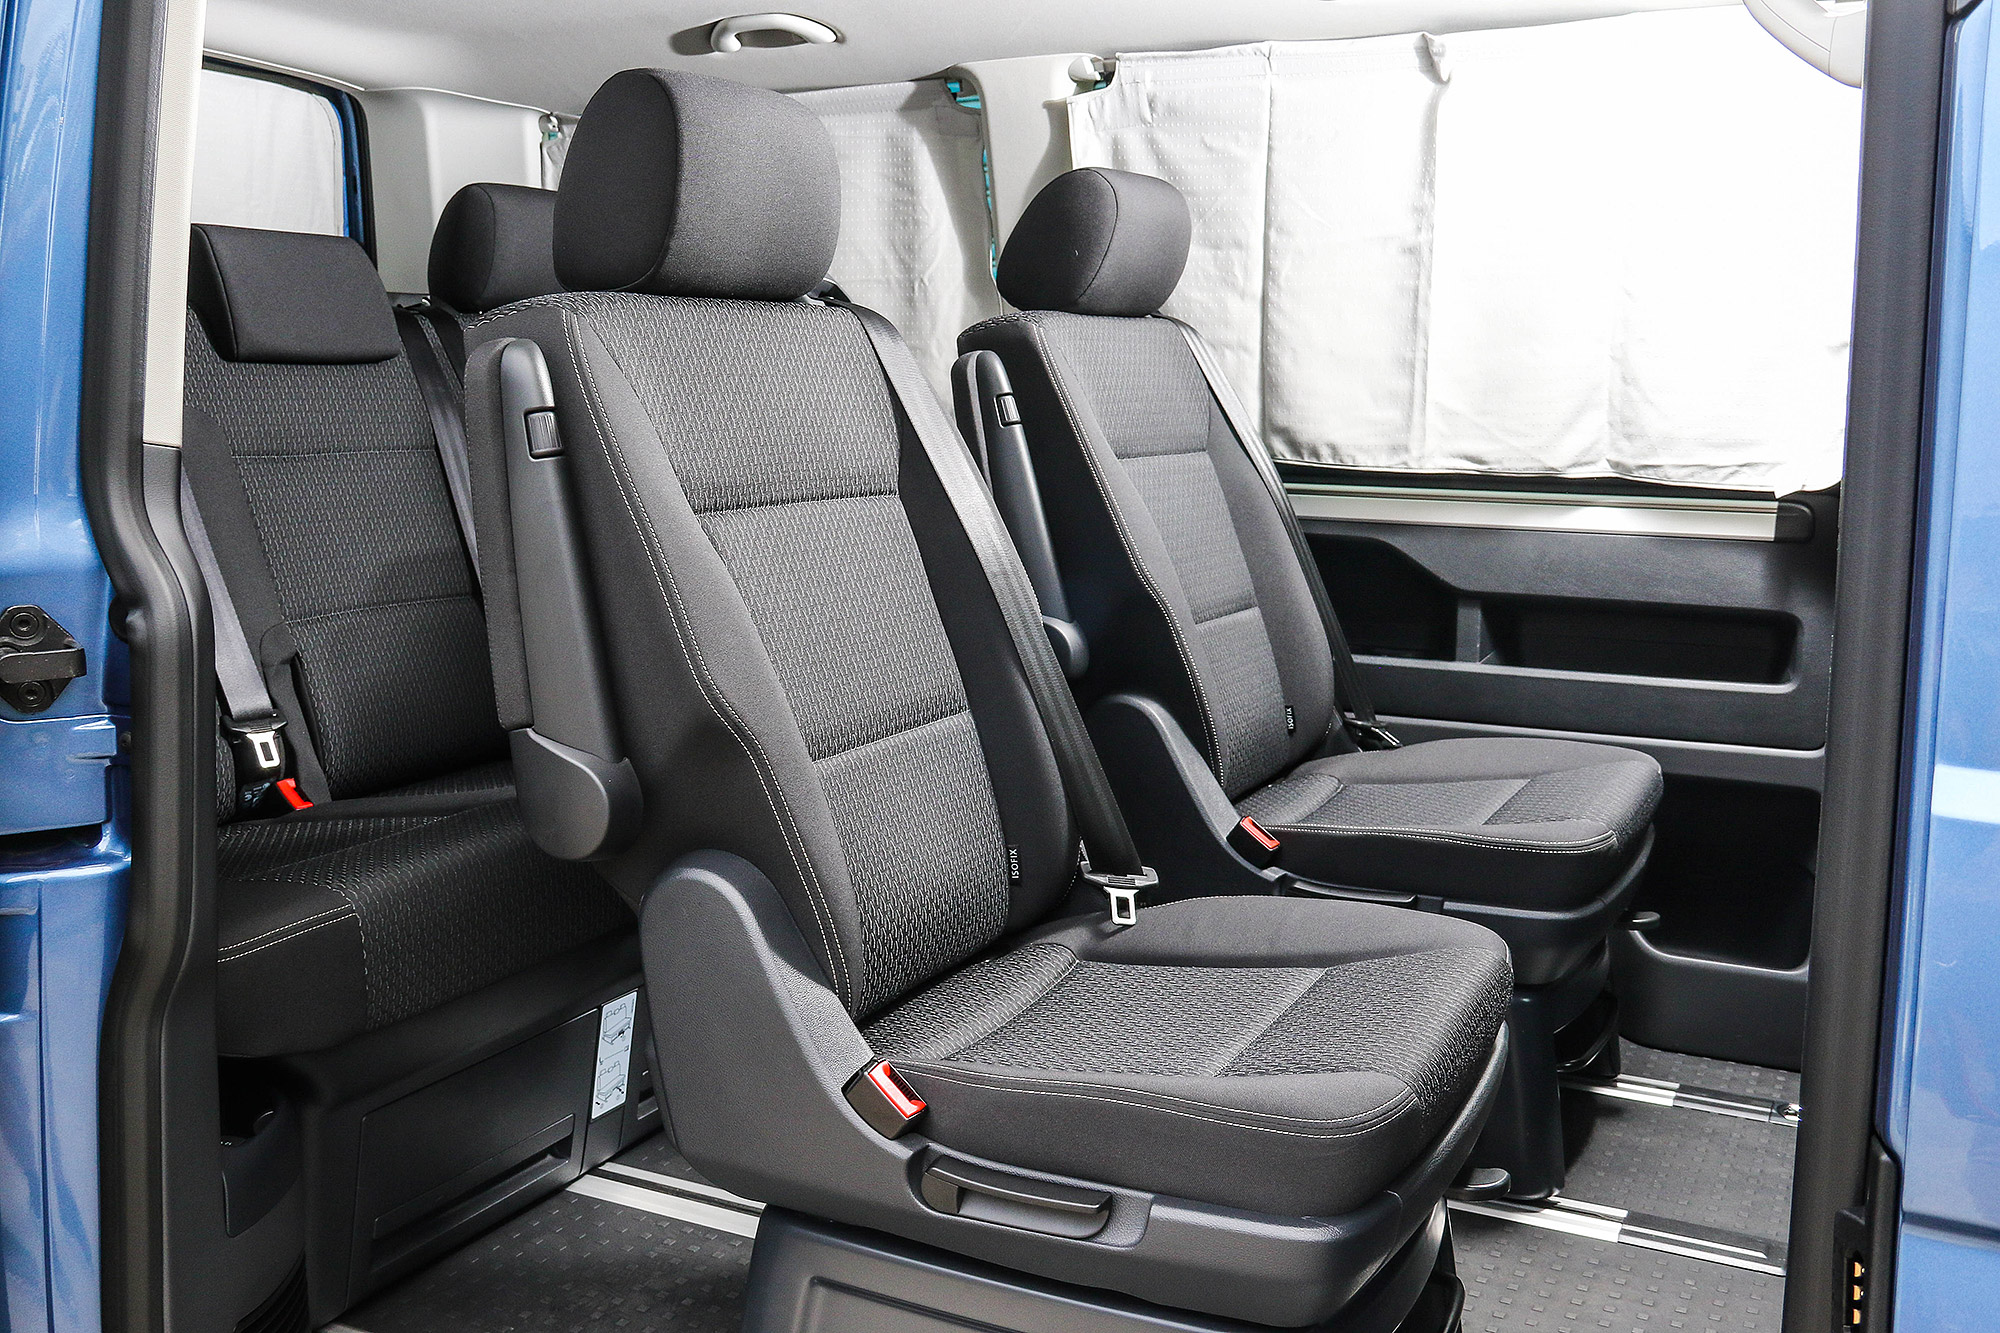 第二排座椅具有前後無段滑移與 180 度旋轉功能,第三排座椅也可無段式滑移。